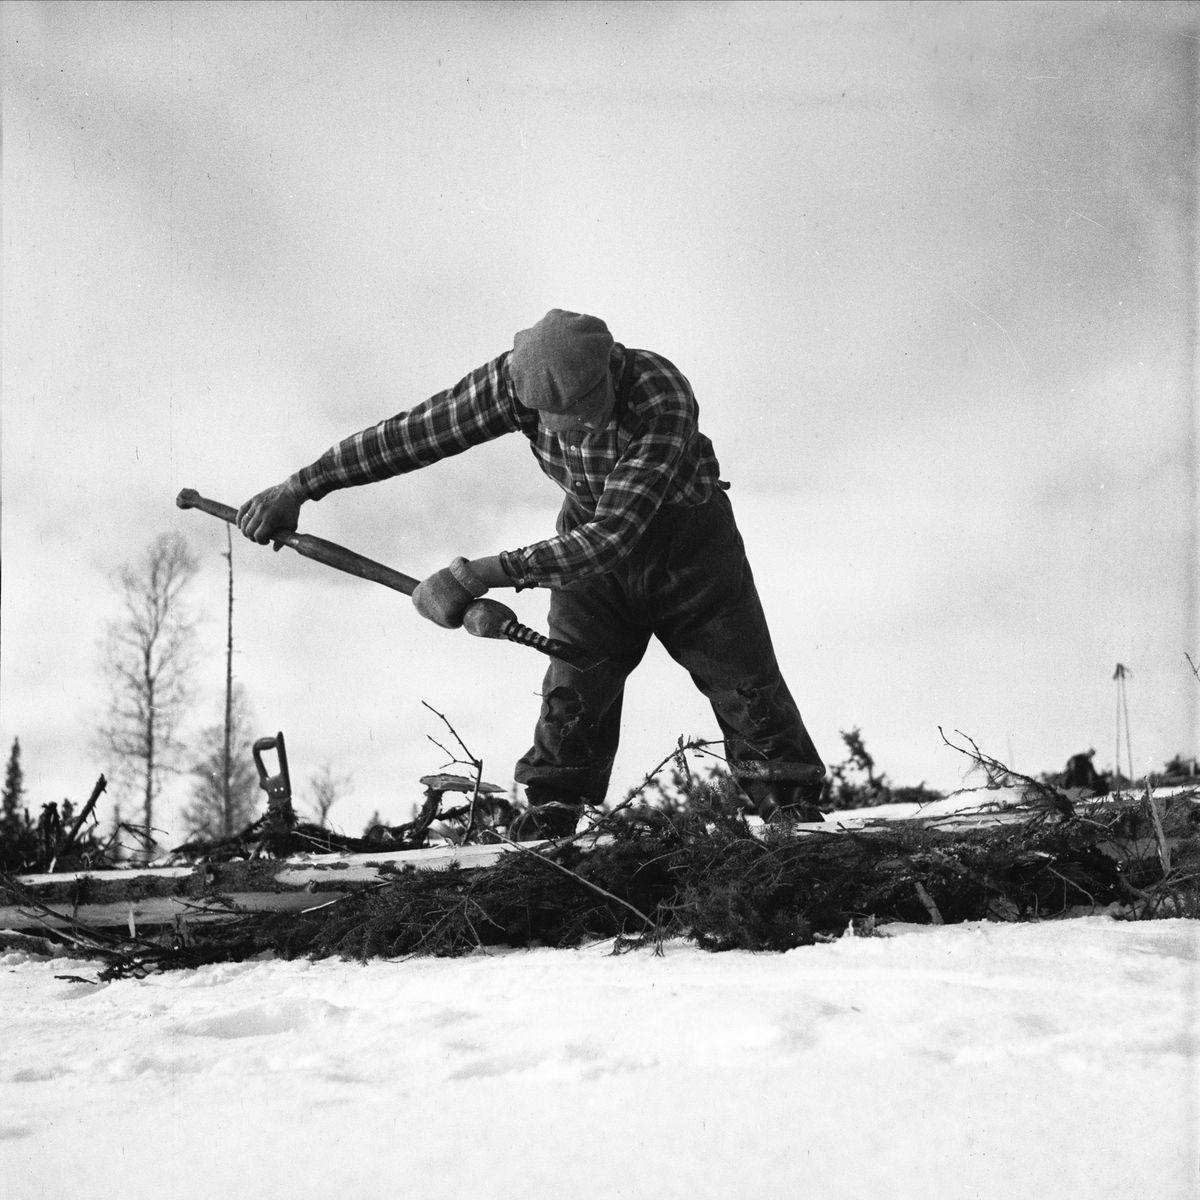 Tømmermåling, Engerdal @ DigitaltMuseum.no